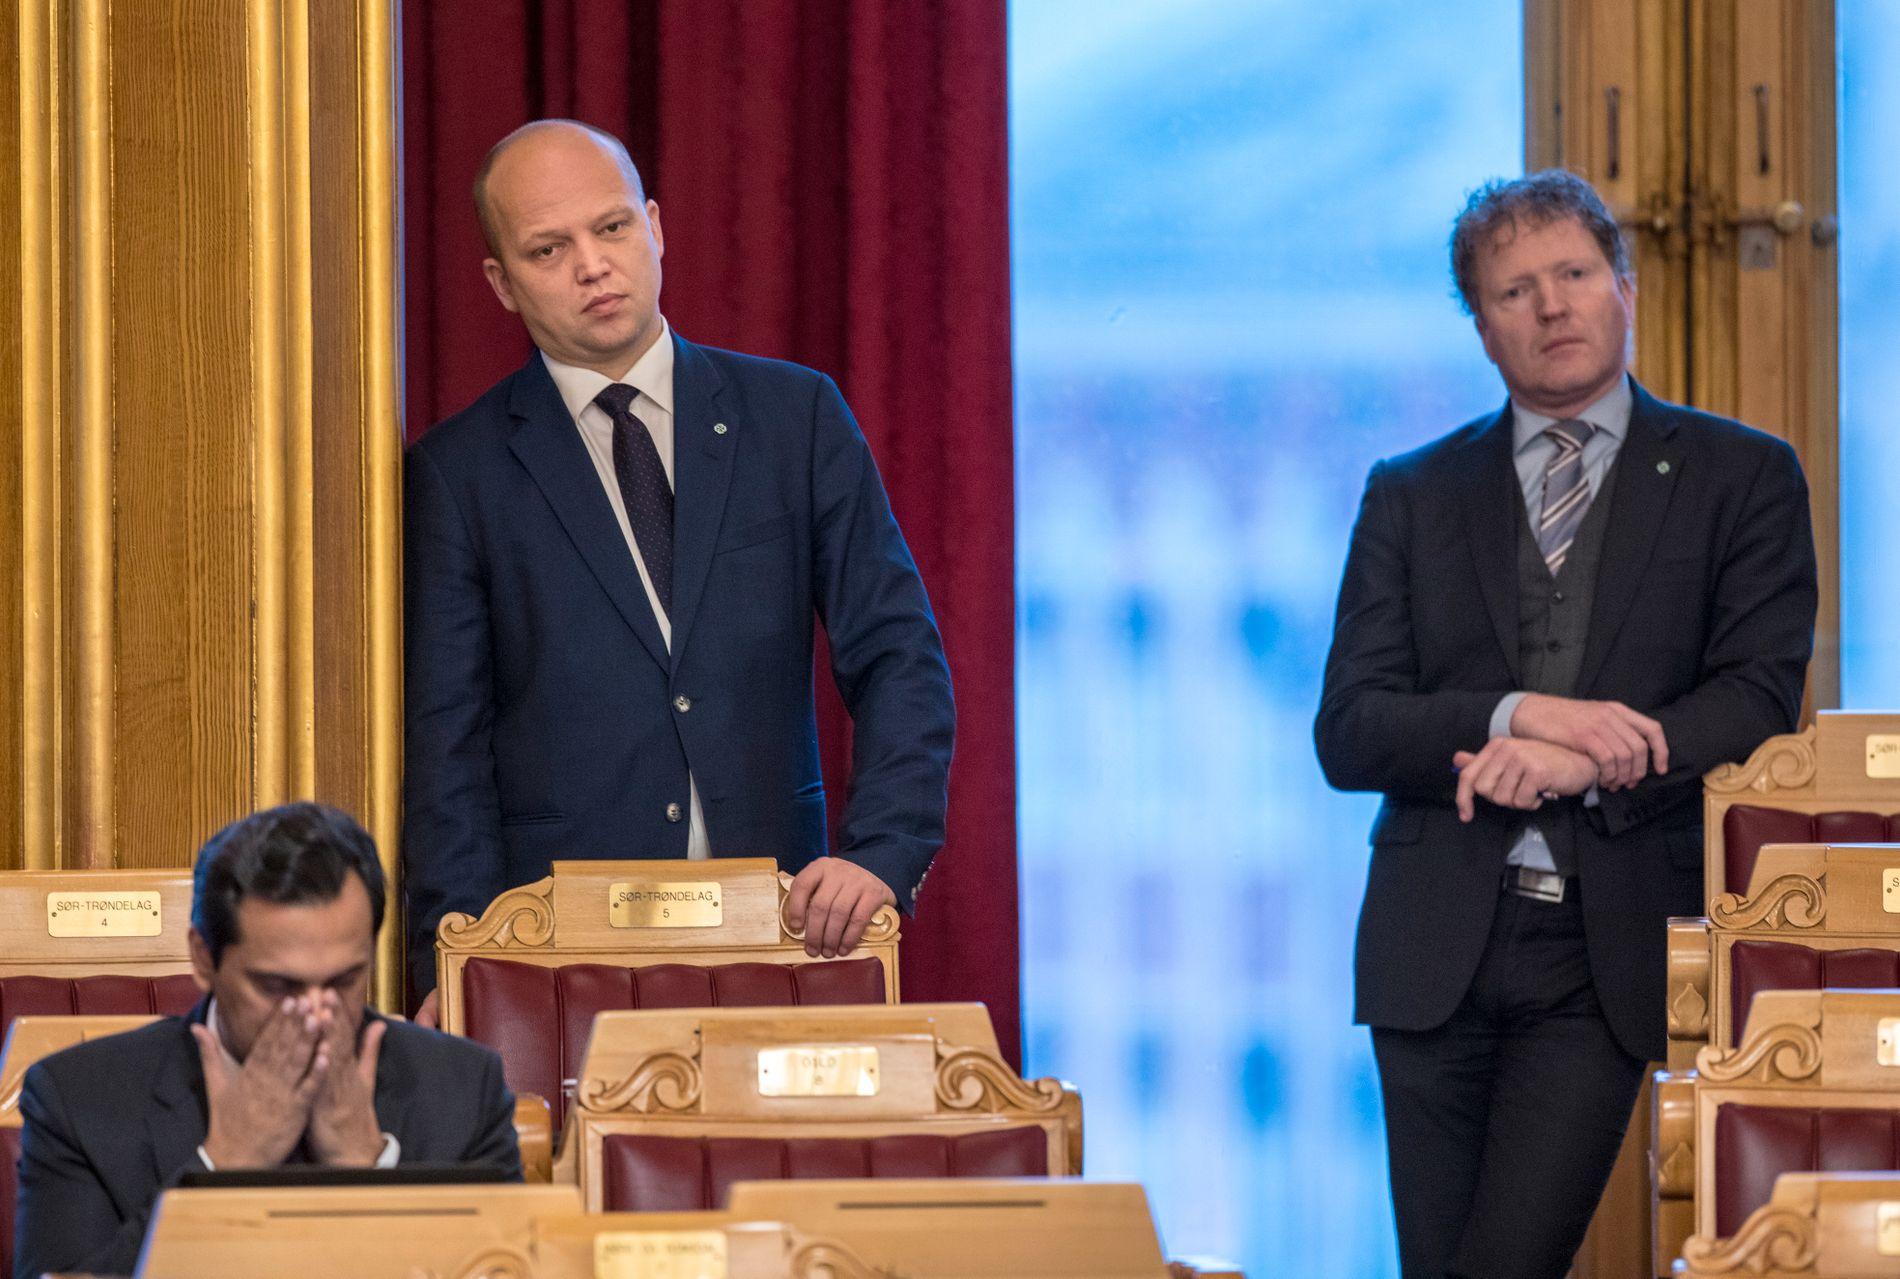 VIL HELLER UTREDE: Senterpartiets Trygve Slagsvold Vedum og Sigbjørn Gjelsvik stoppet pensjon fra første krone i denne omgang.